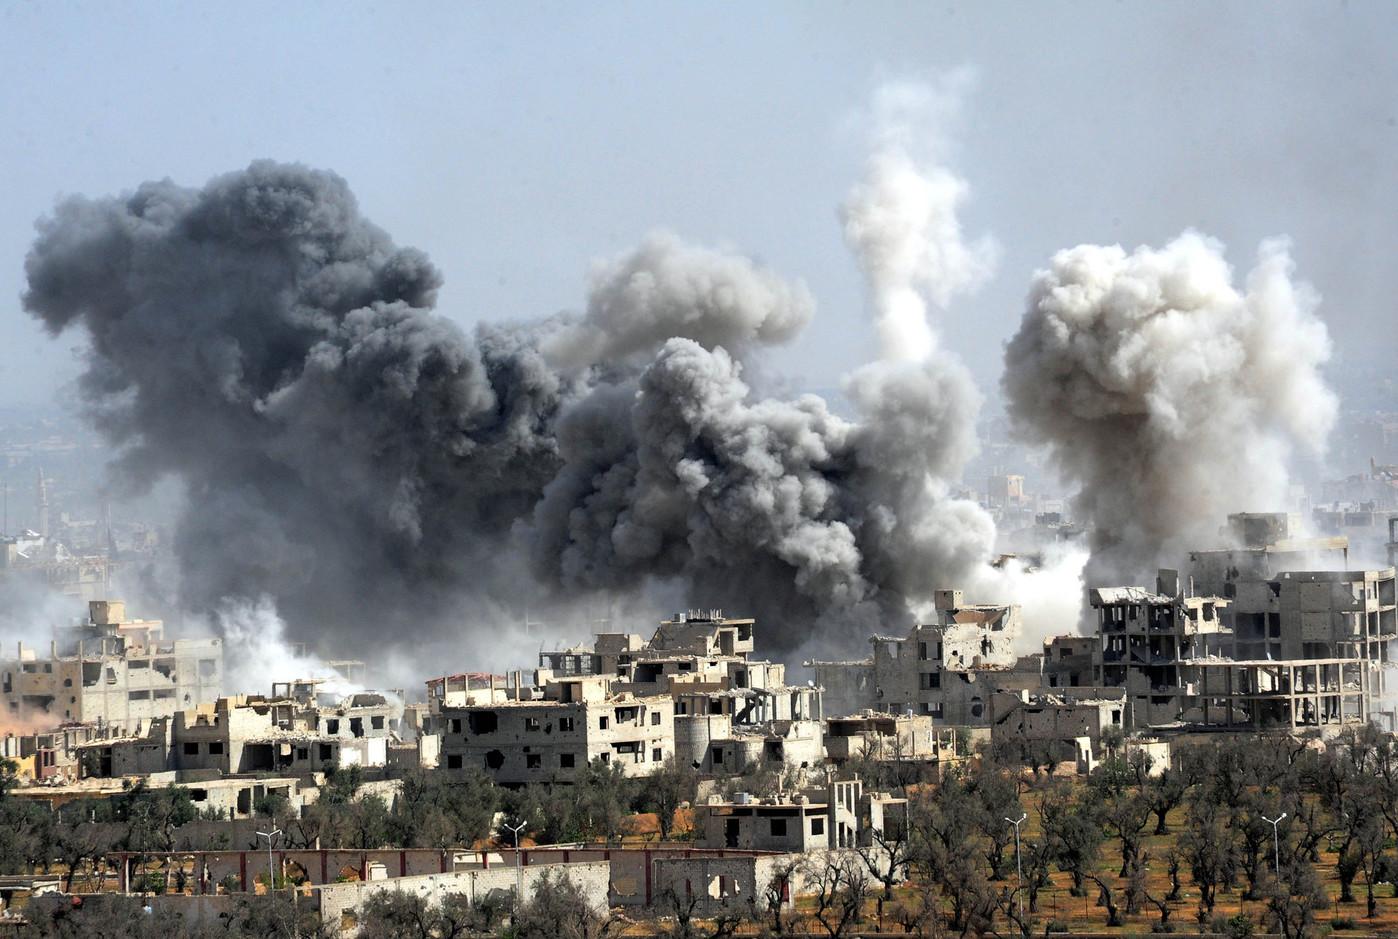 Des groupes demandent à la France d'enquêter sur les attaques chimiques de 2013 en Syrie